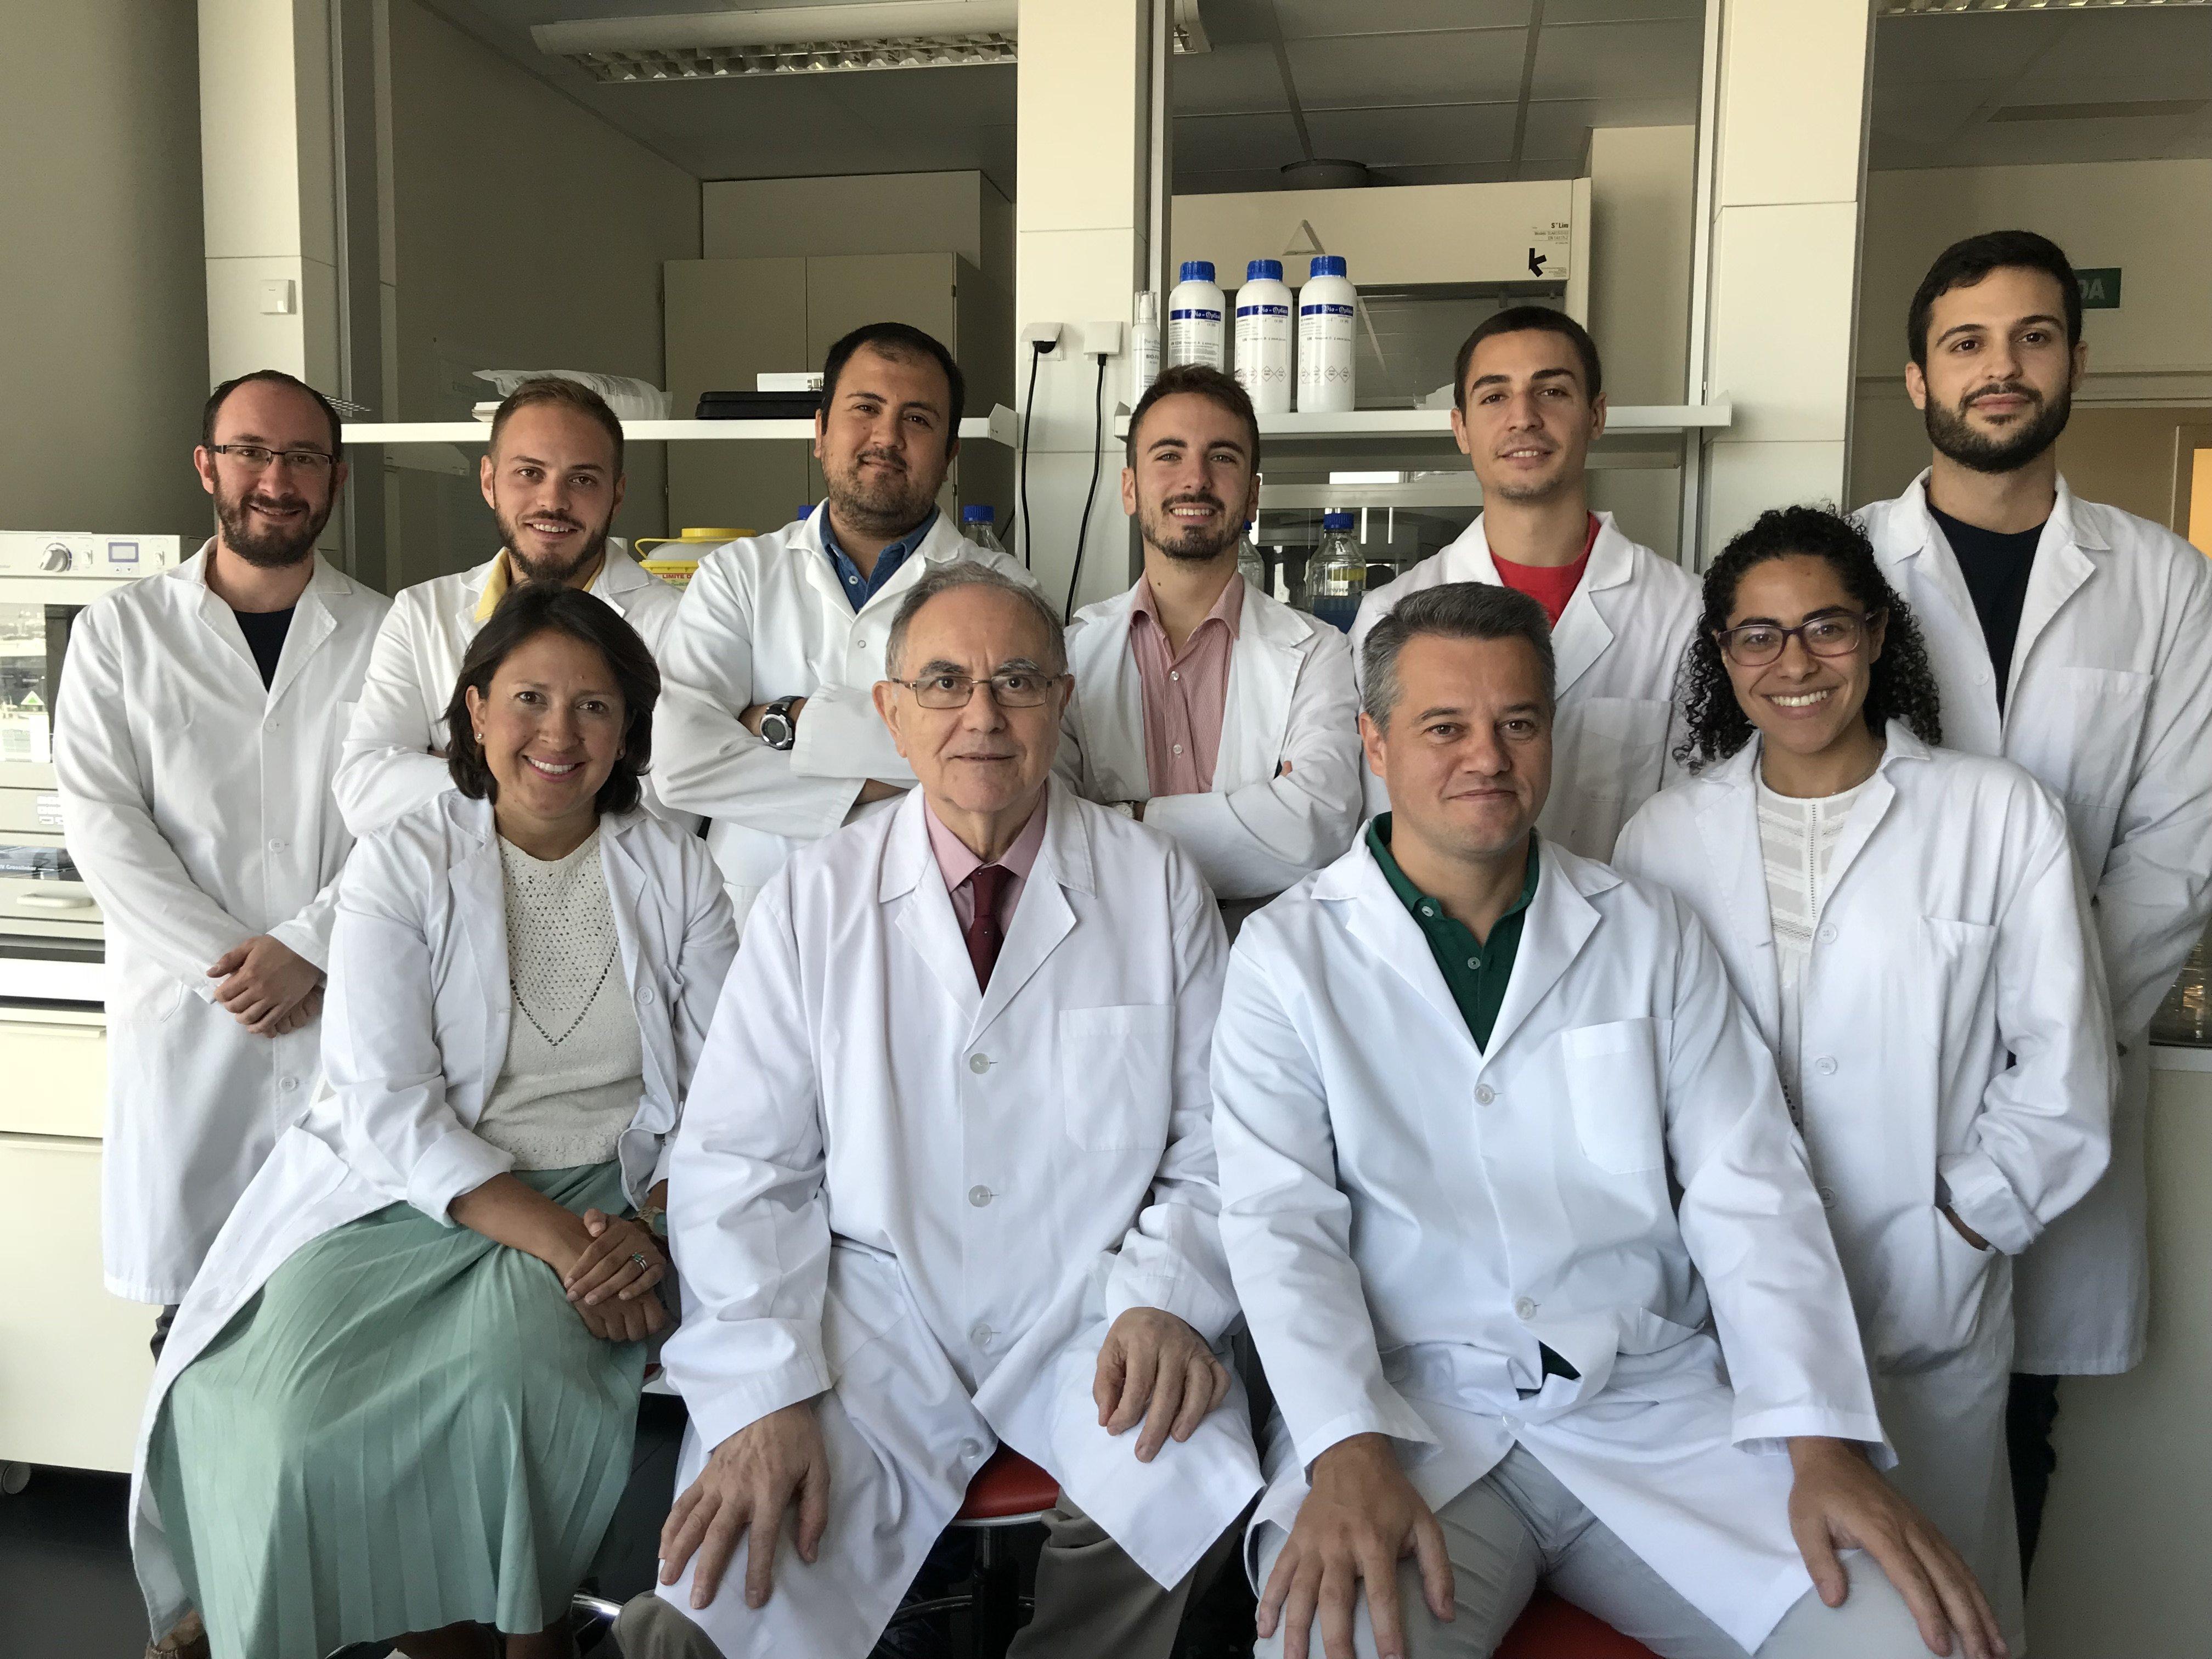 Científicos crean nuevos modelos de piel artificial con células madre para uso en grandes quemados